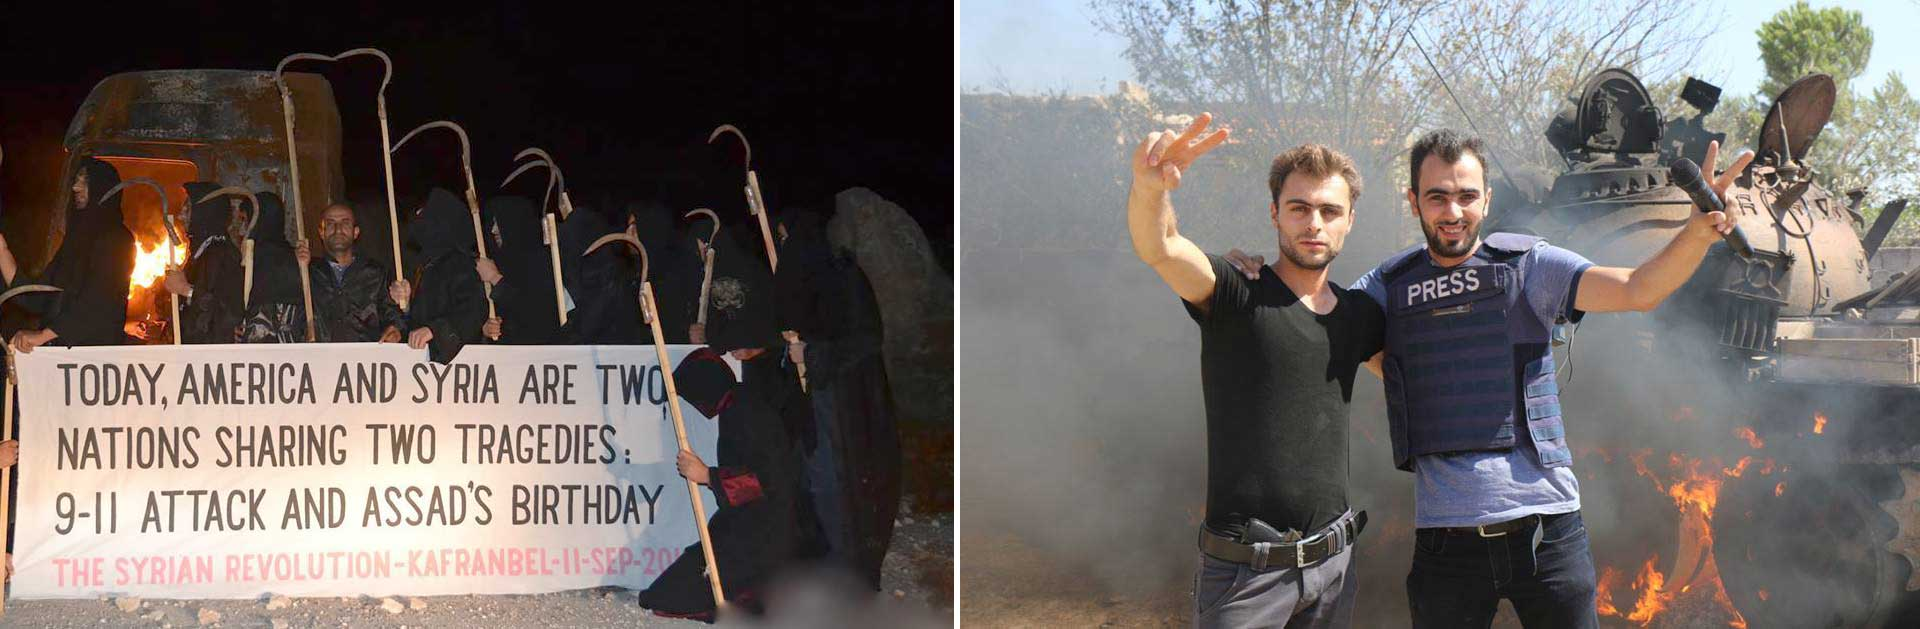 Hadi haciendo selfie- de su muro de facebook. Intervención organizada por HADI- ELS.